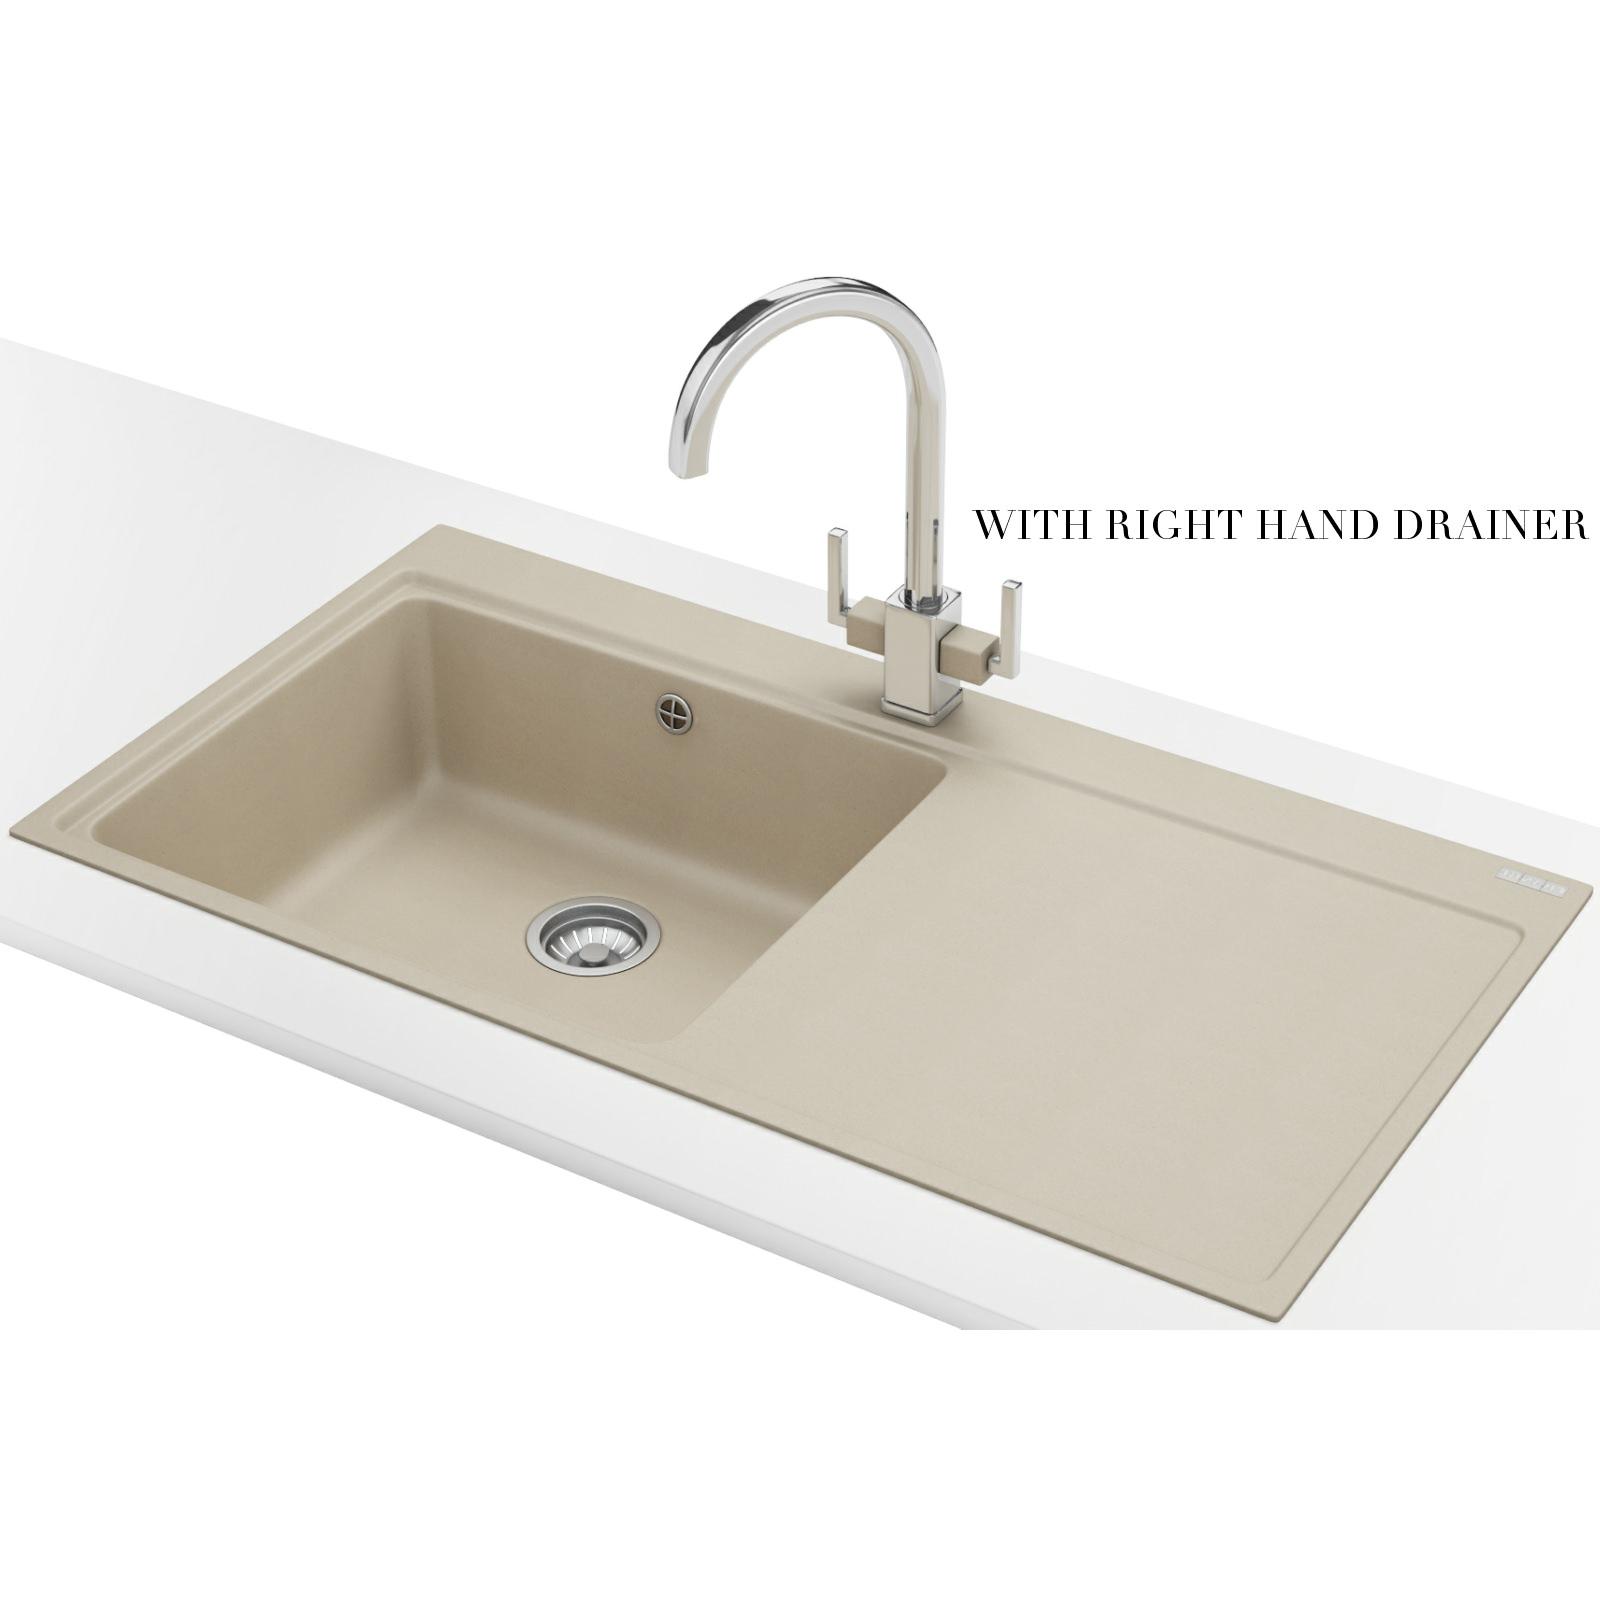 Franke Fragranite Sink Review : ... Franke Mythos Designer Pack MTG 611 Fragranite Coffee Kitchen Sink And